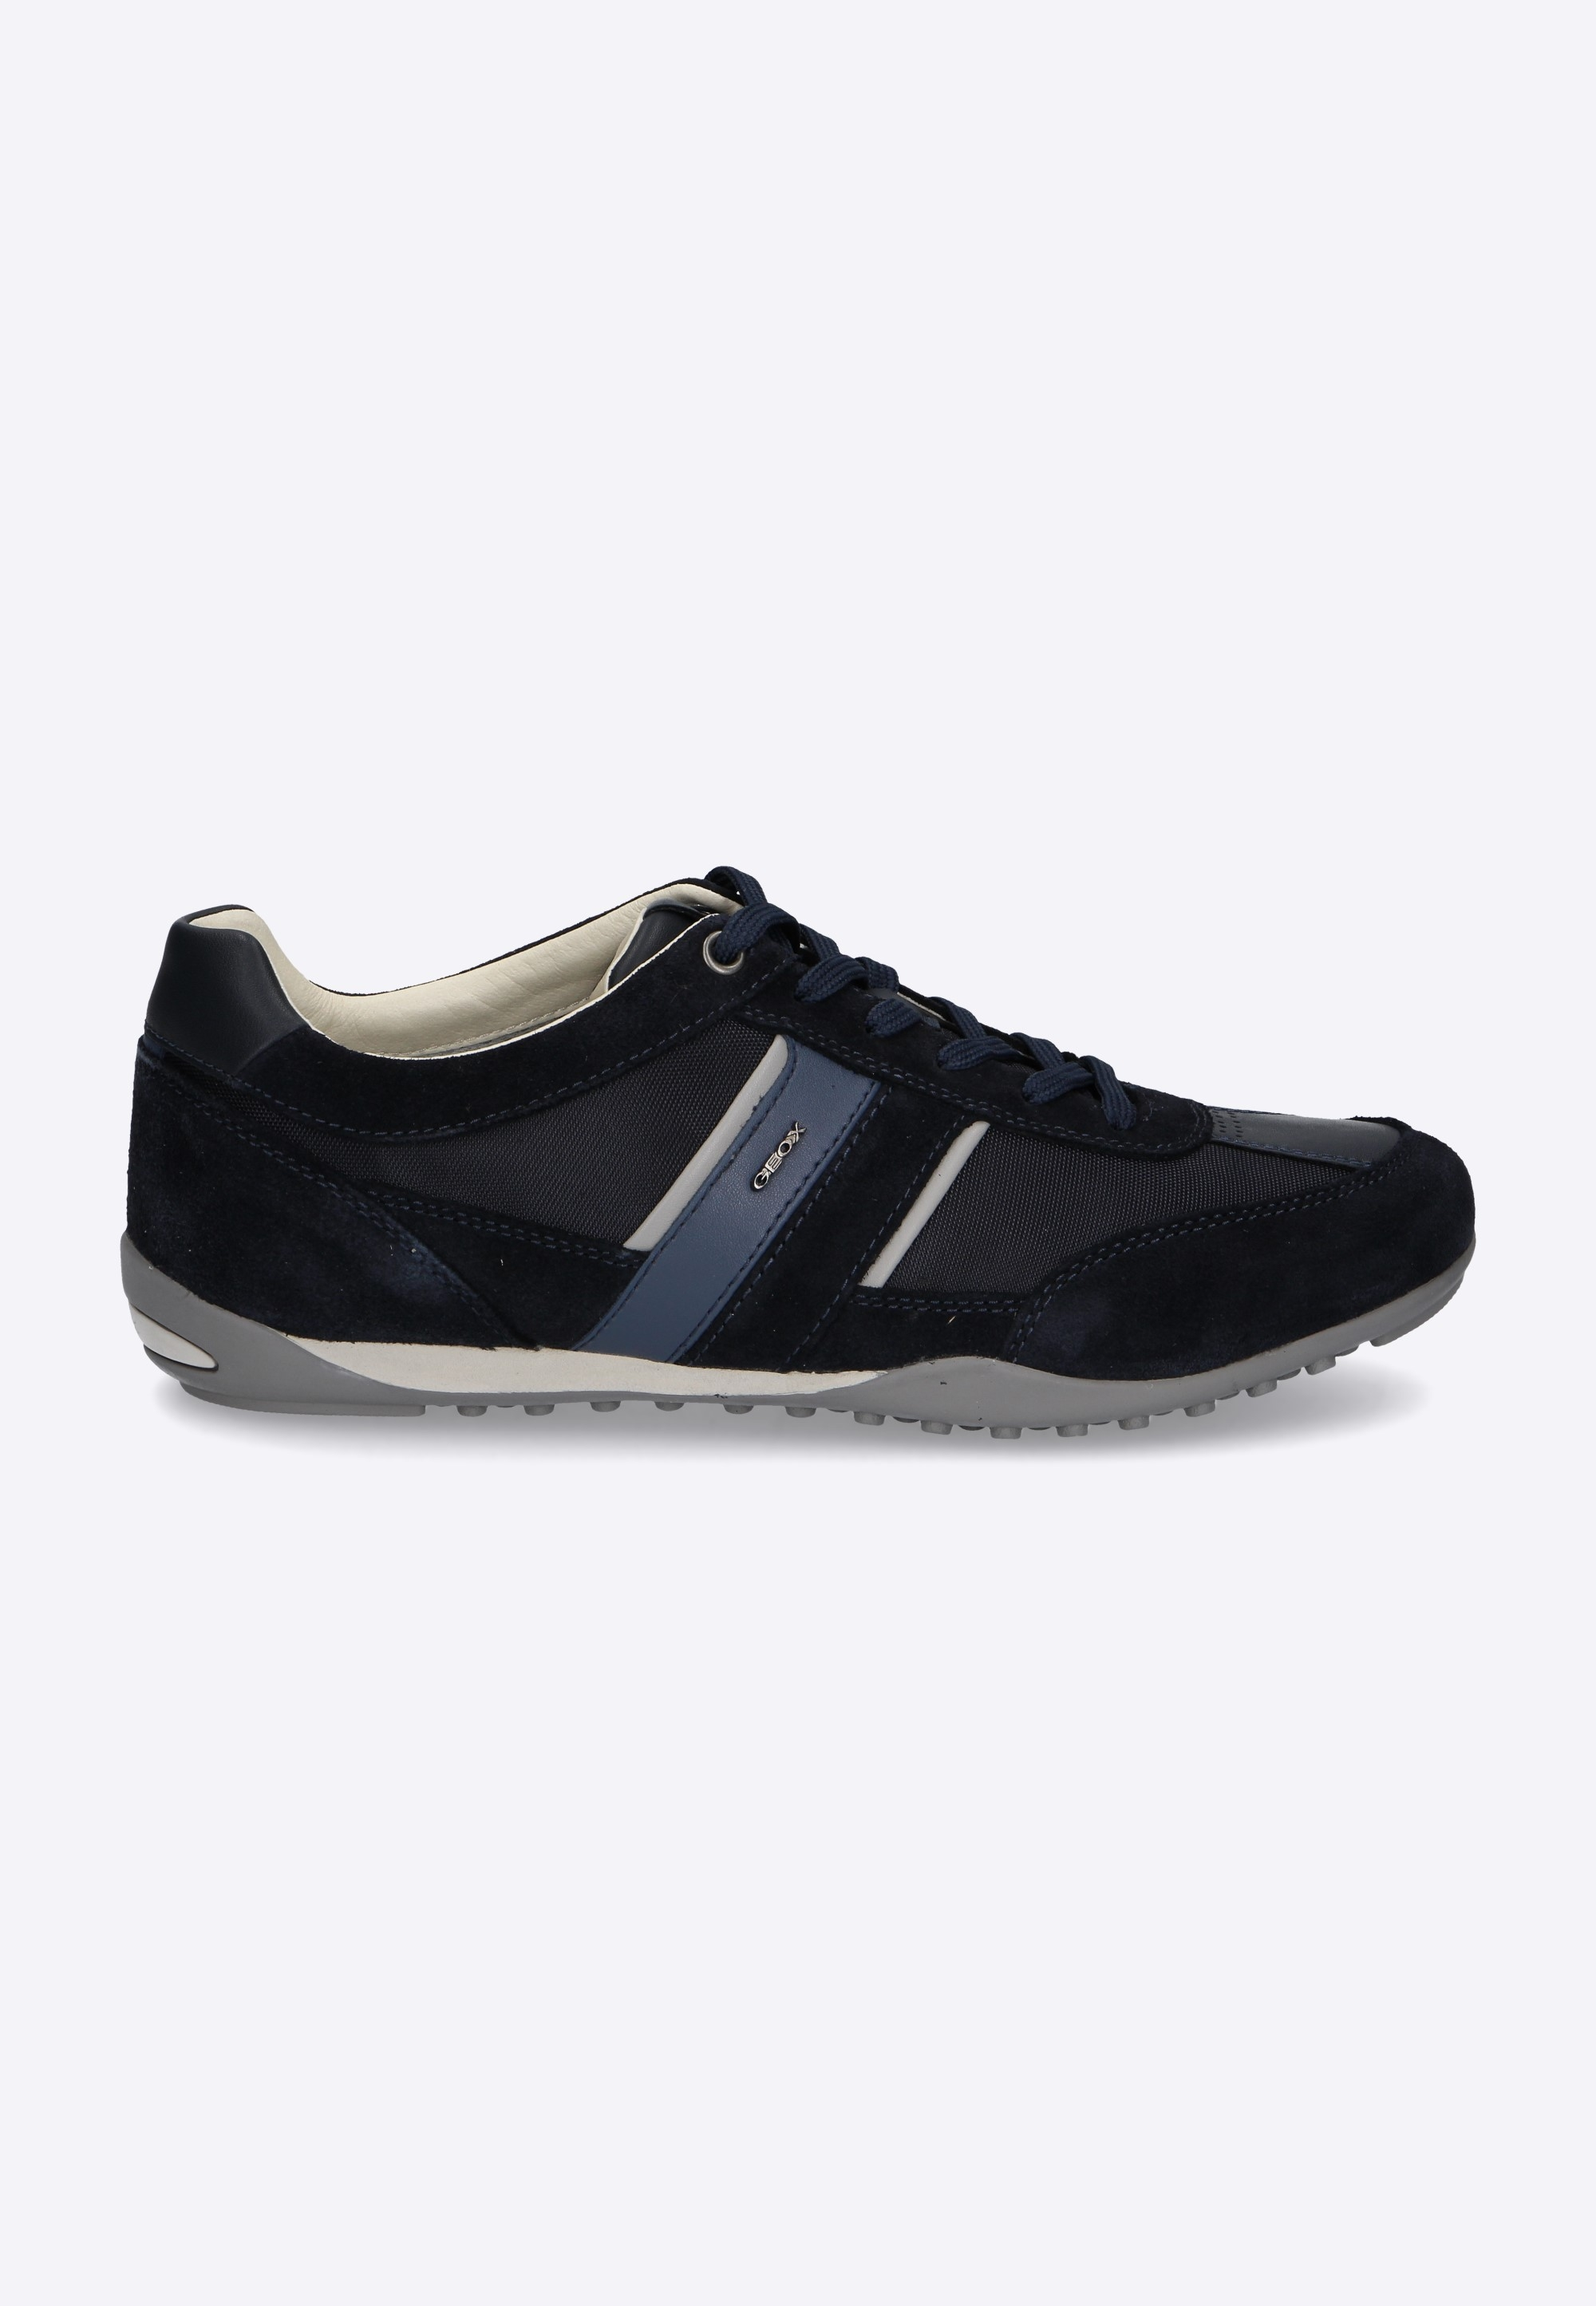 6c62efb769e5a Sneakersy męskie GEOX - Nico - Odzież i Obuwie